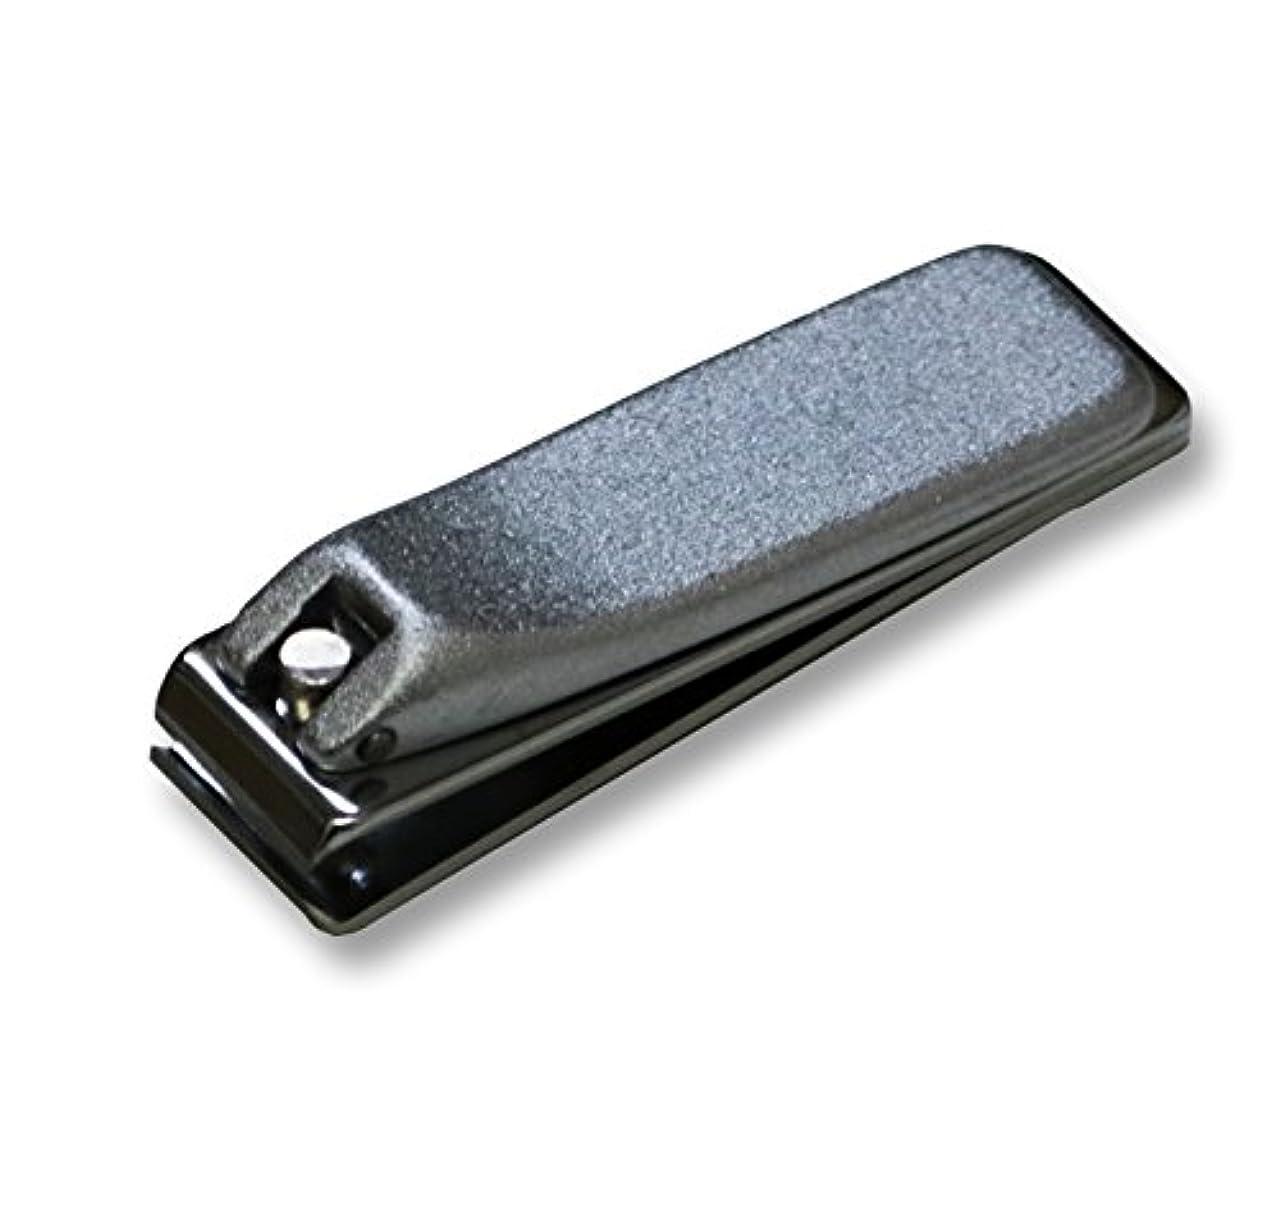 小川不愉快セブンKD-035 関の刃物 クローム爪切 直刃 小 カバー無